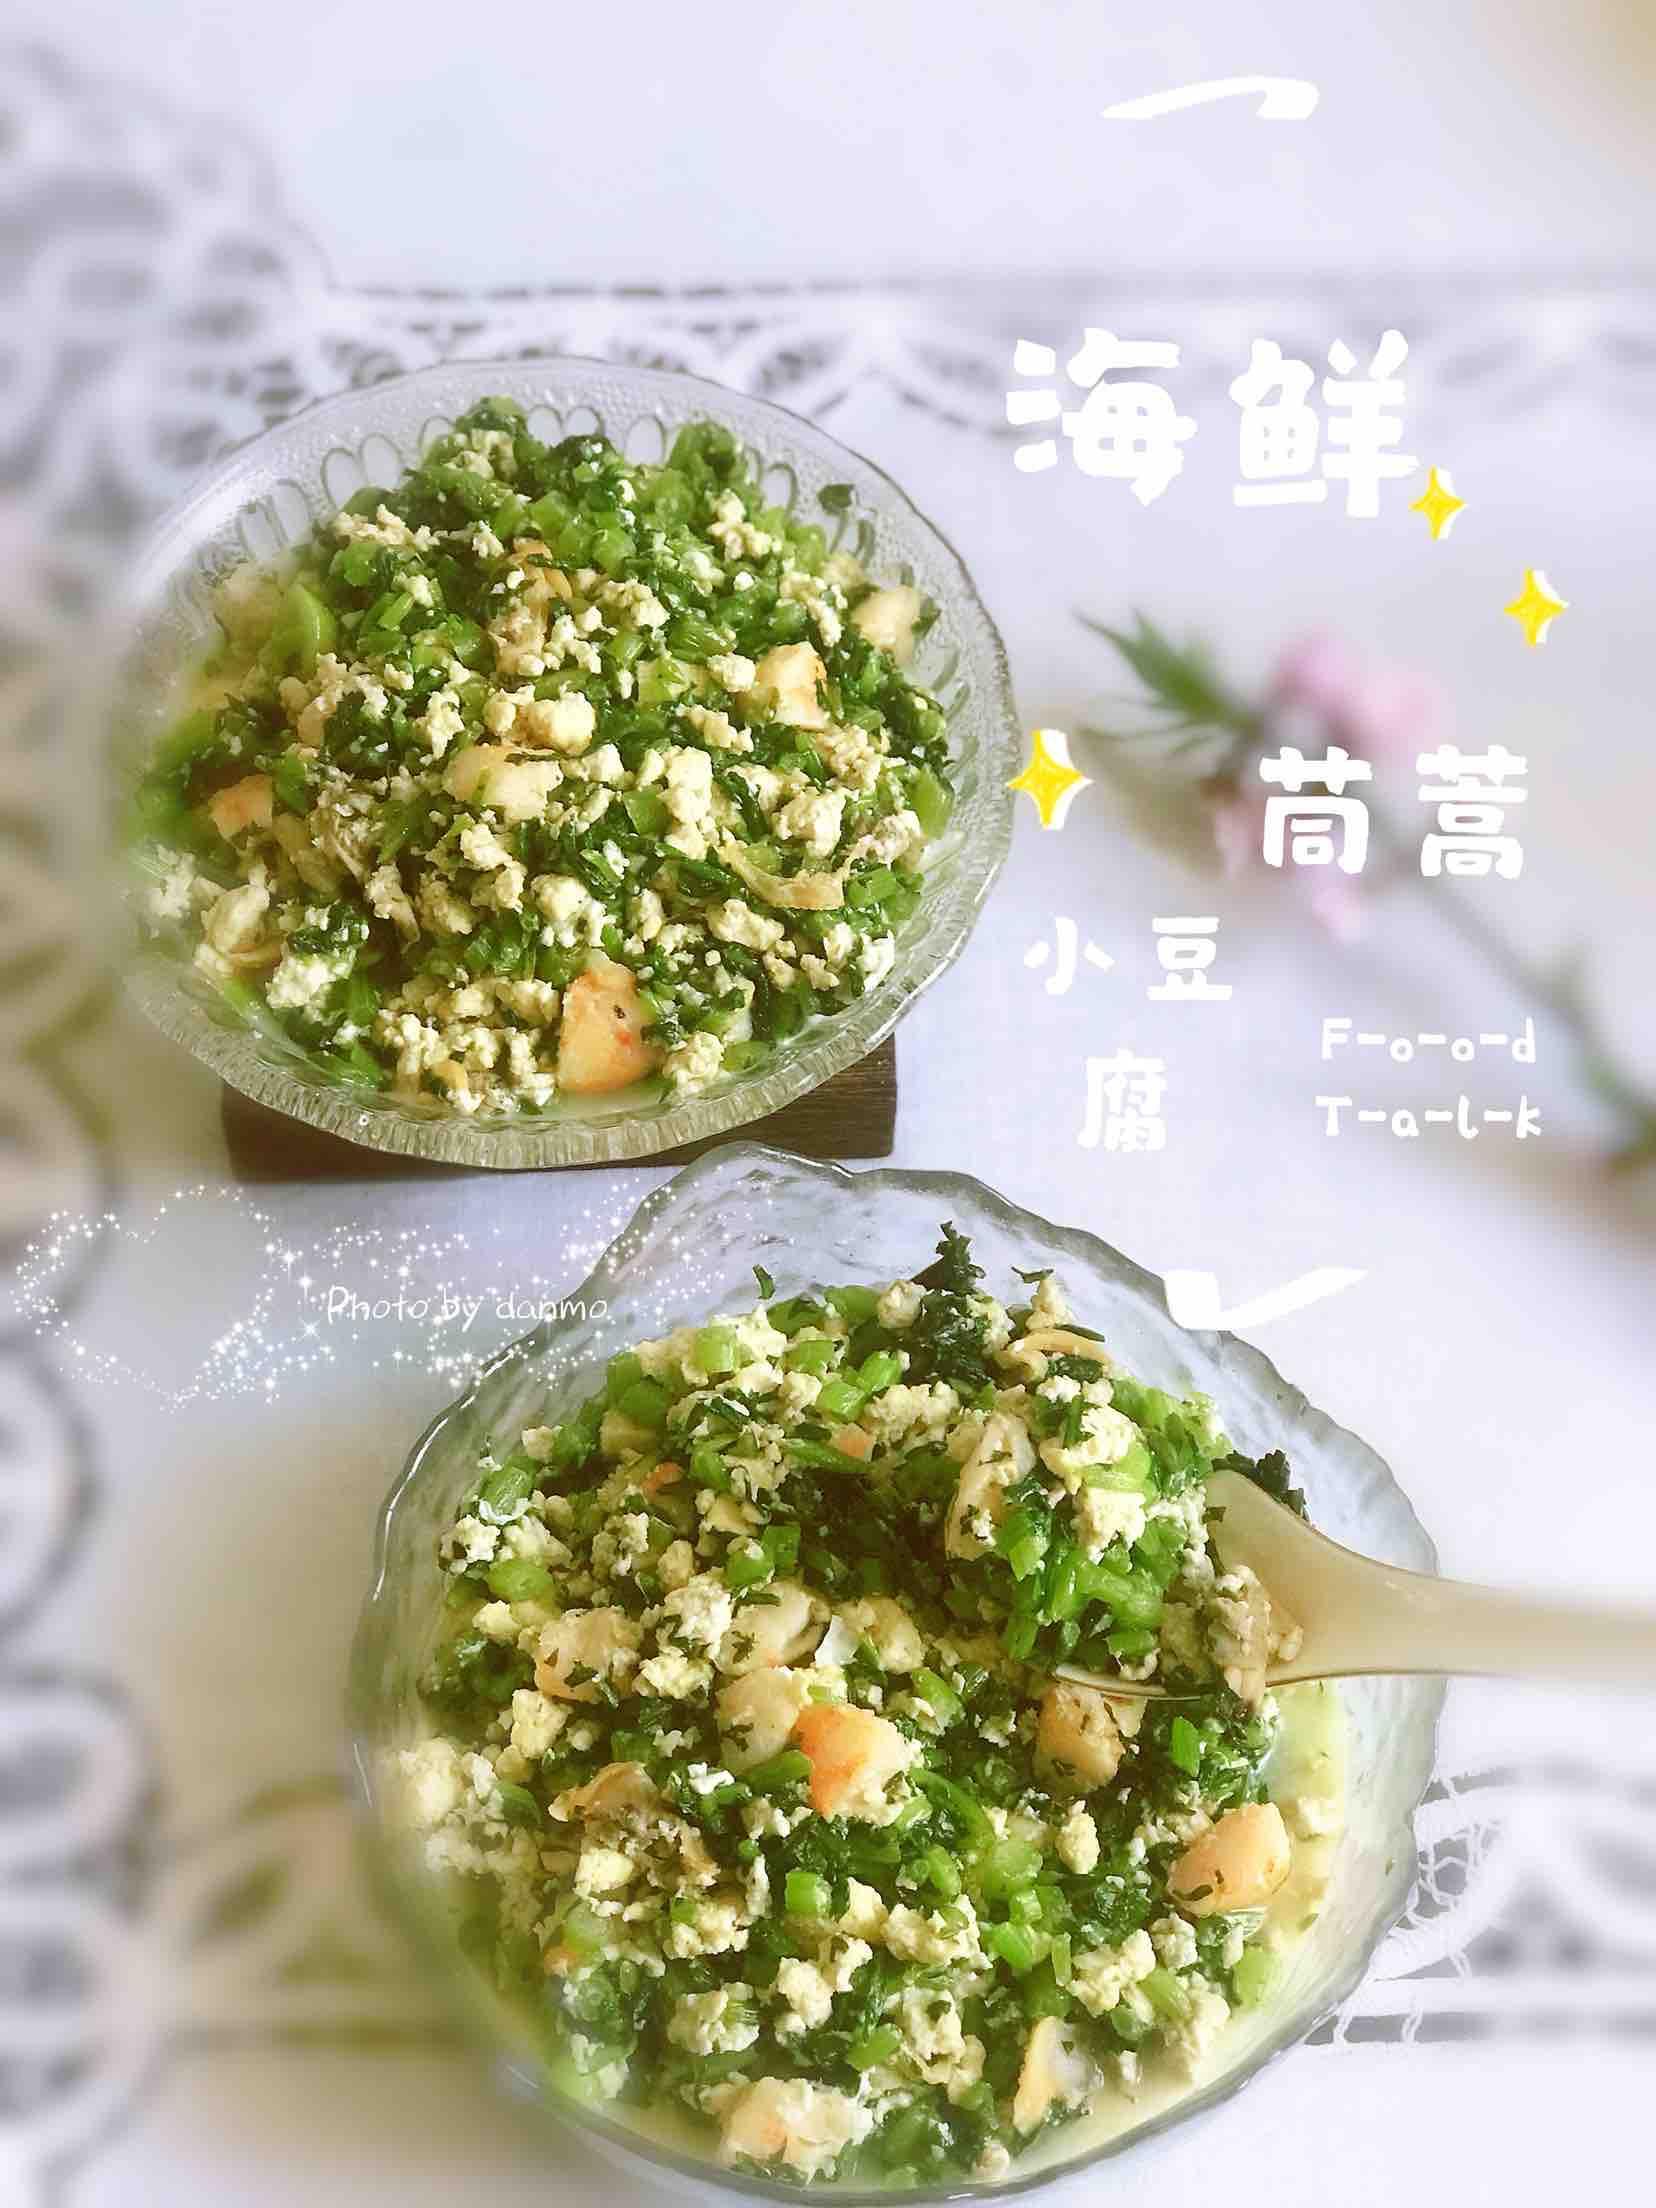 鲜美可口的茼蒿小豆腐